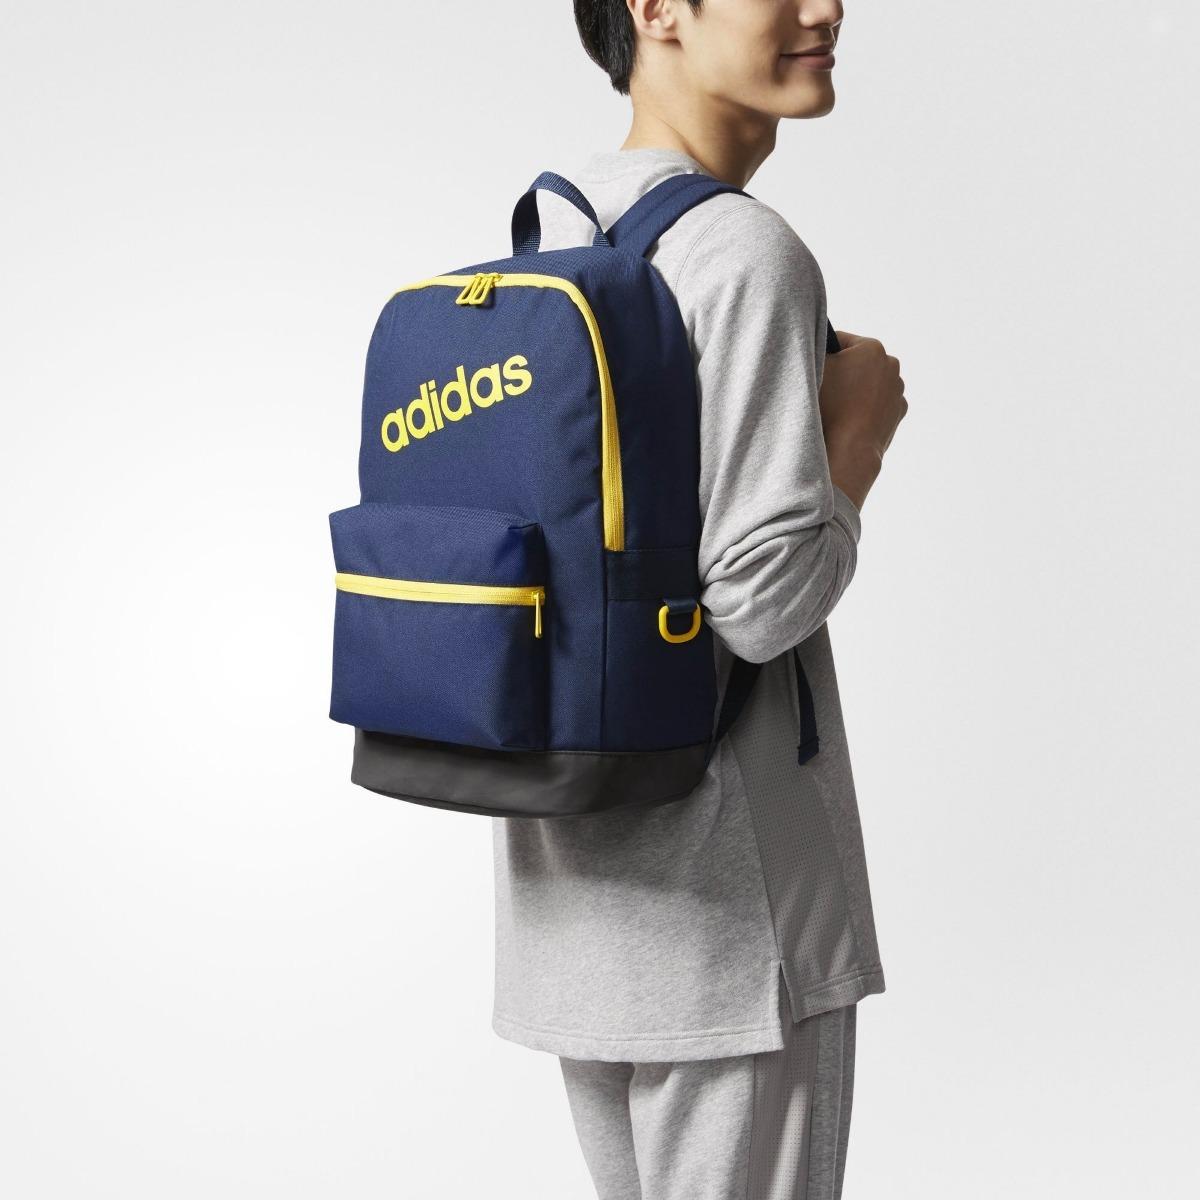 Adidas Original Mochila Zoom Cd9921 Cargando 100 Daily zqwHP